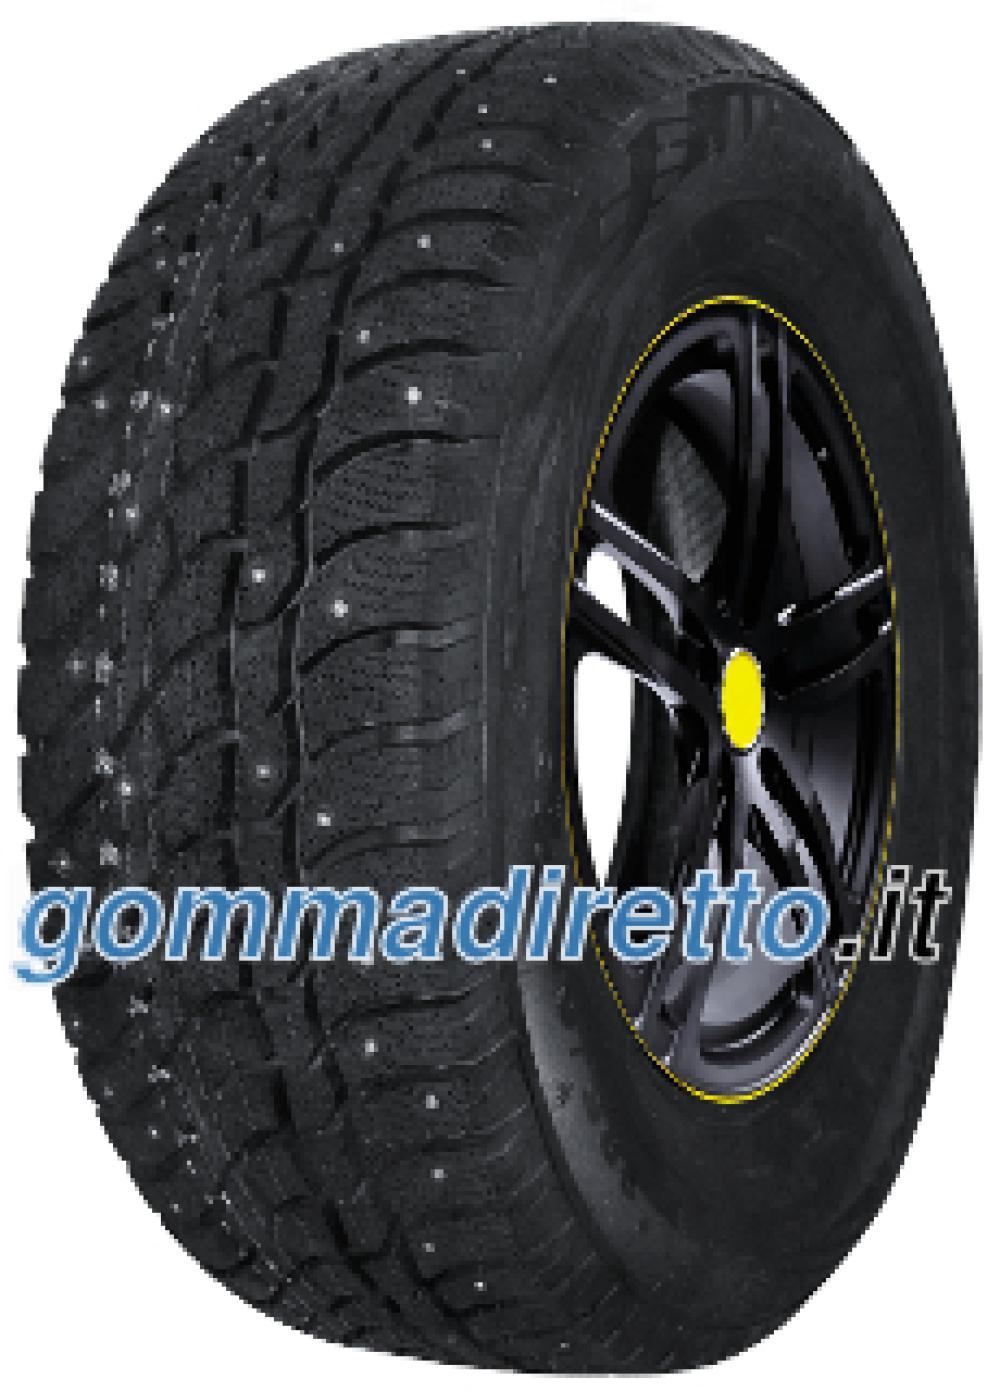 Image of Viatti Bosco Nordico ( 215/55 R17 94T, pneumatico chiodato )